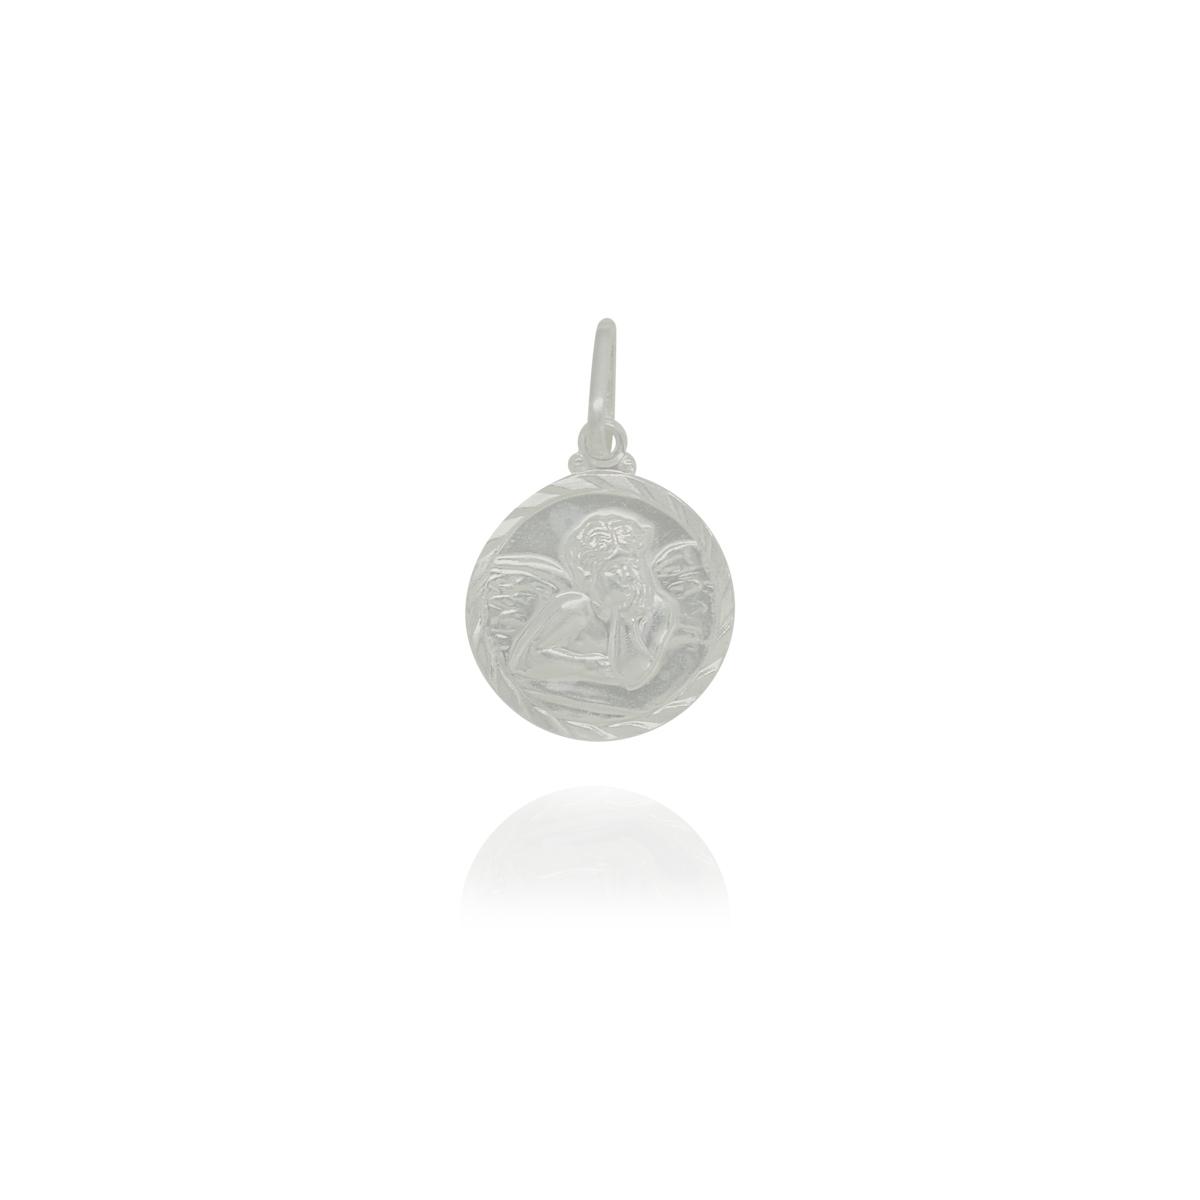 Pingente joia prata 925 pura medalha Anjinho hipoalergênica